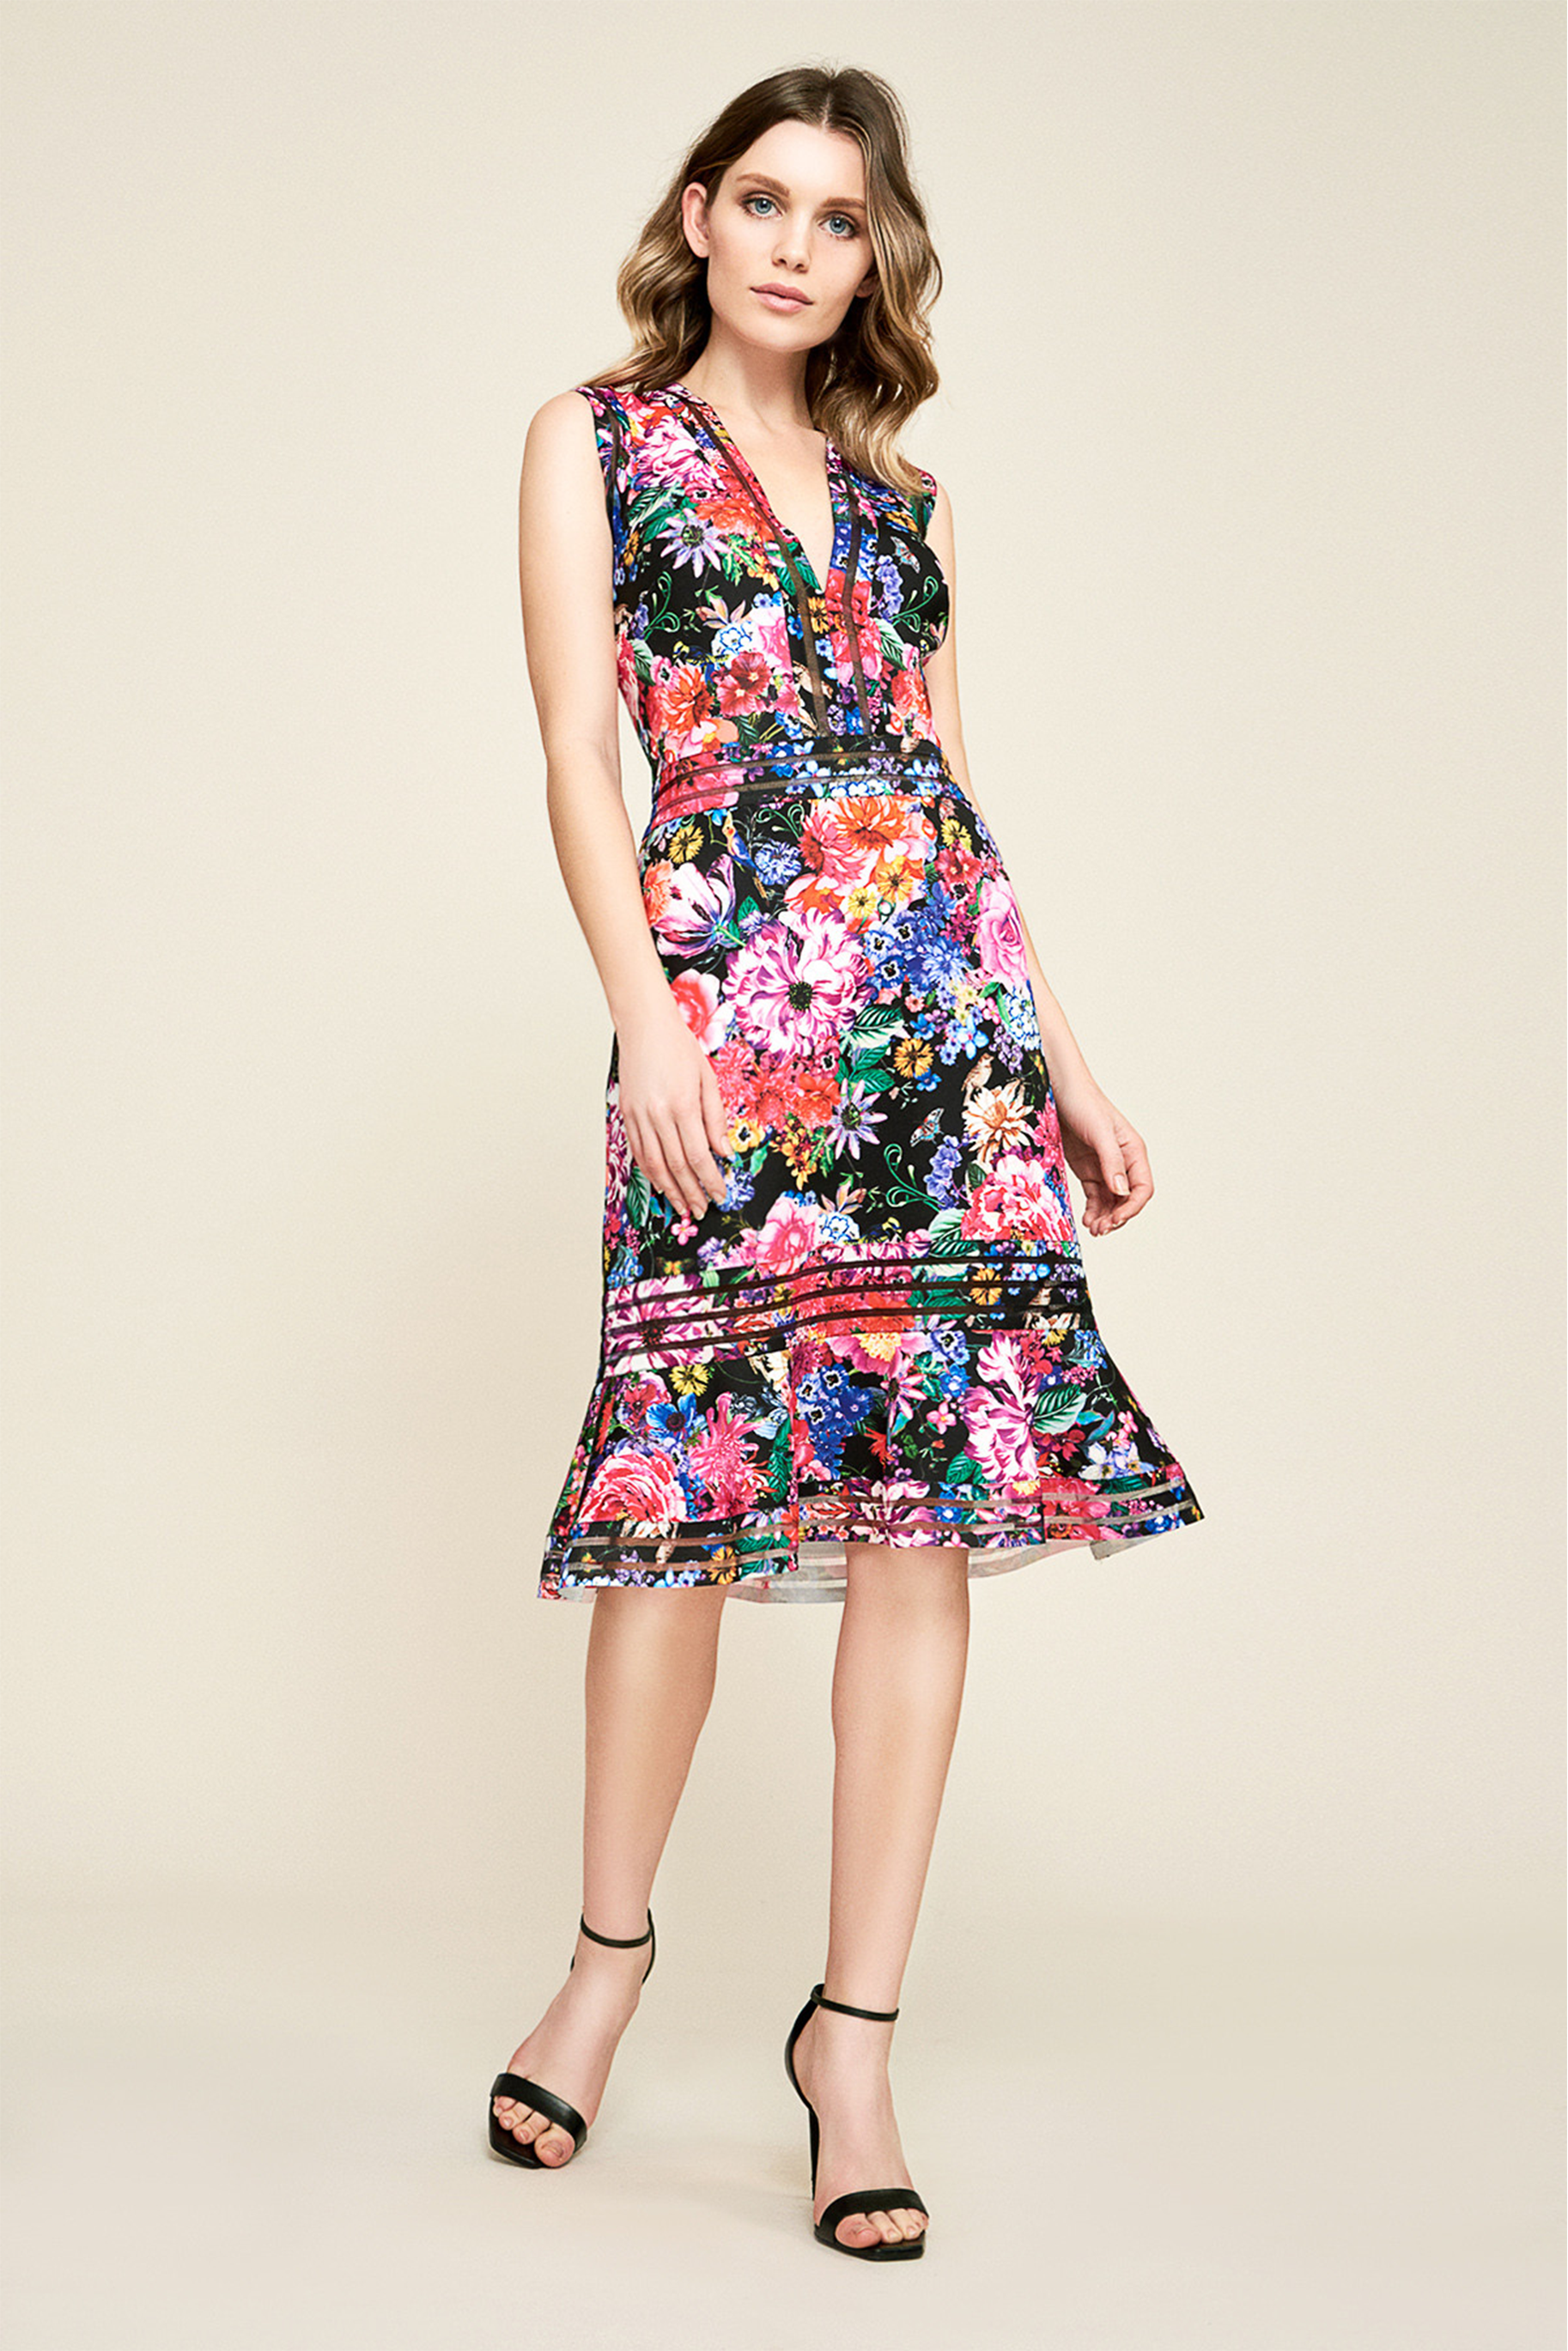 Bdf18736m Sukienka Koktajlowa Dresses Floral Print Dress Cocktail Dress Party